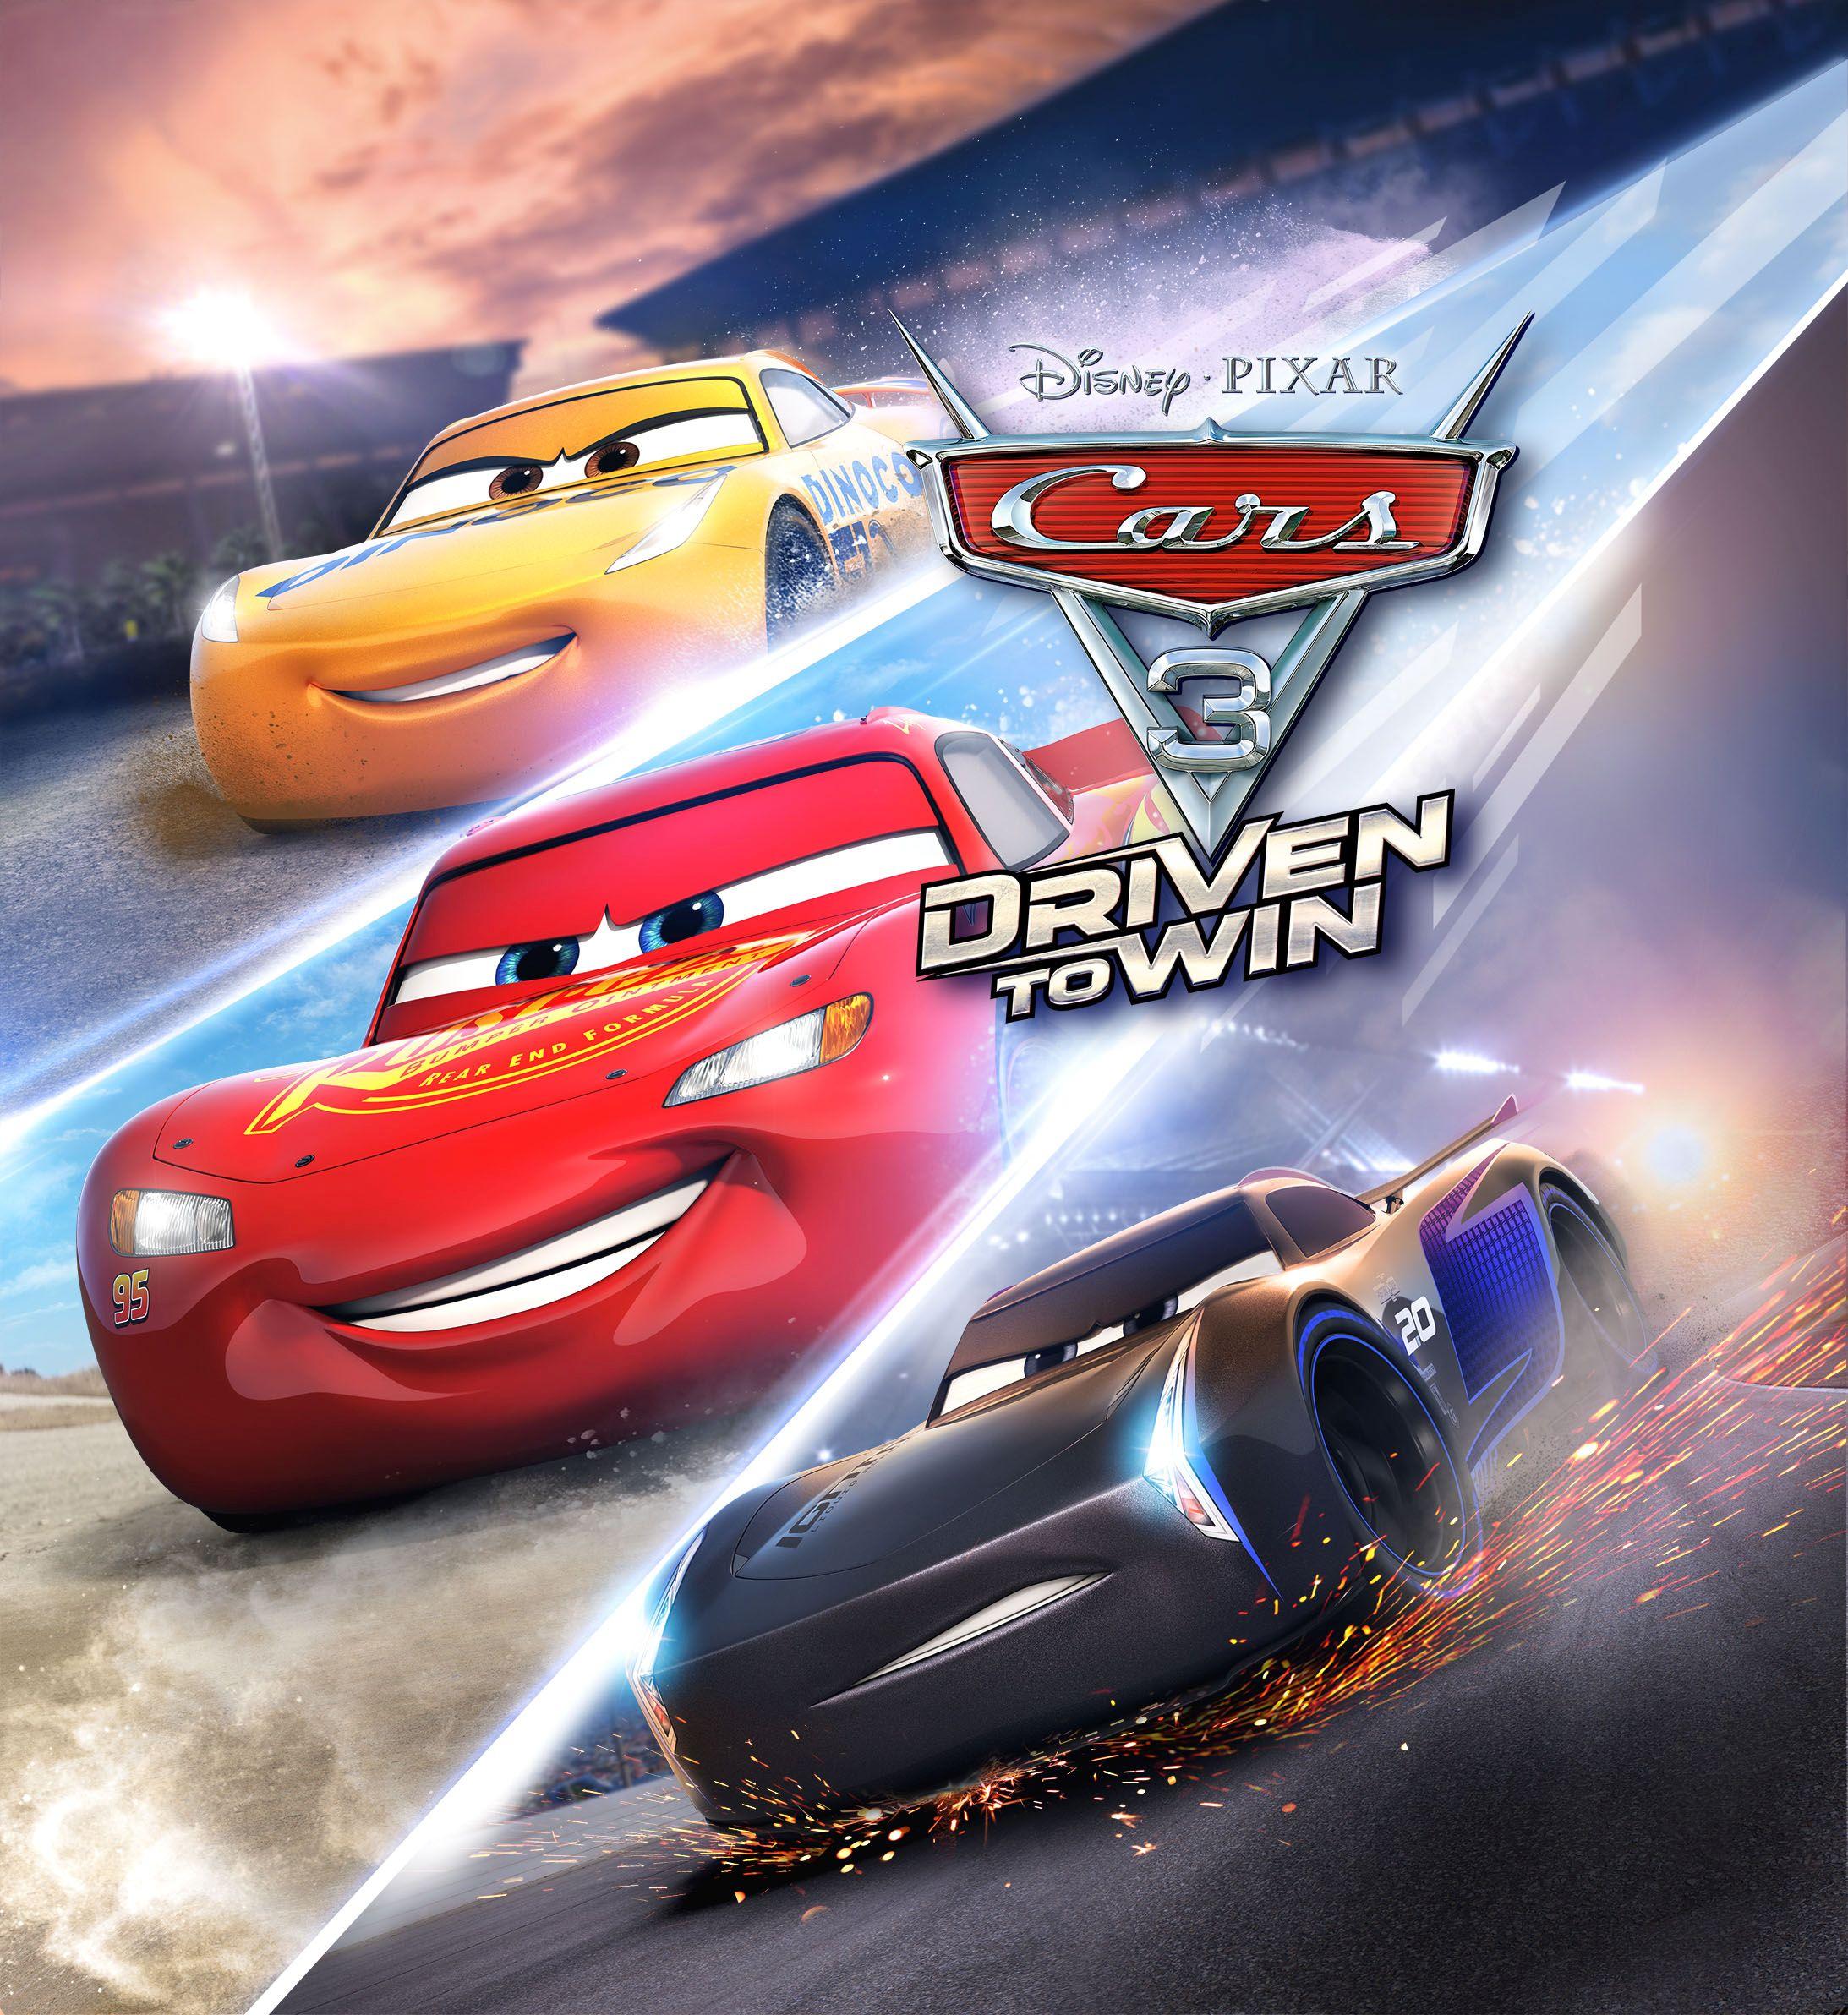 Závodní hra Auta 3 se koná po událostech z filmu 141540